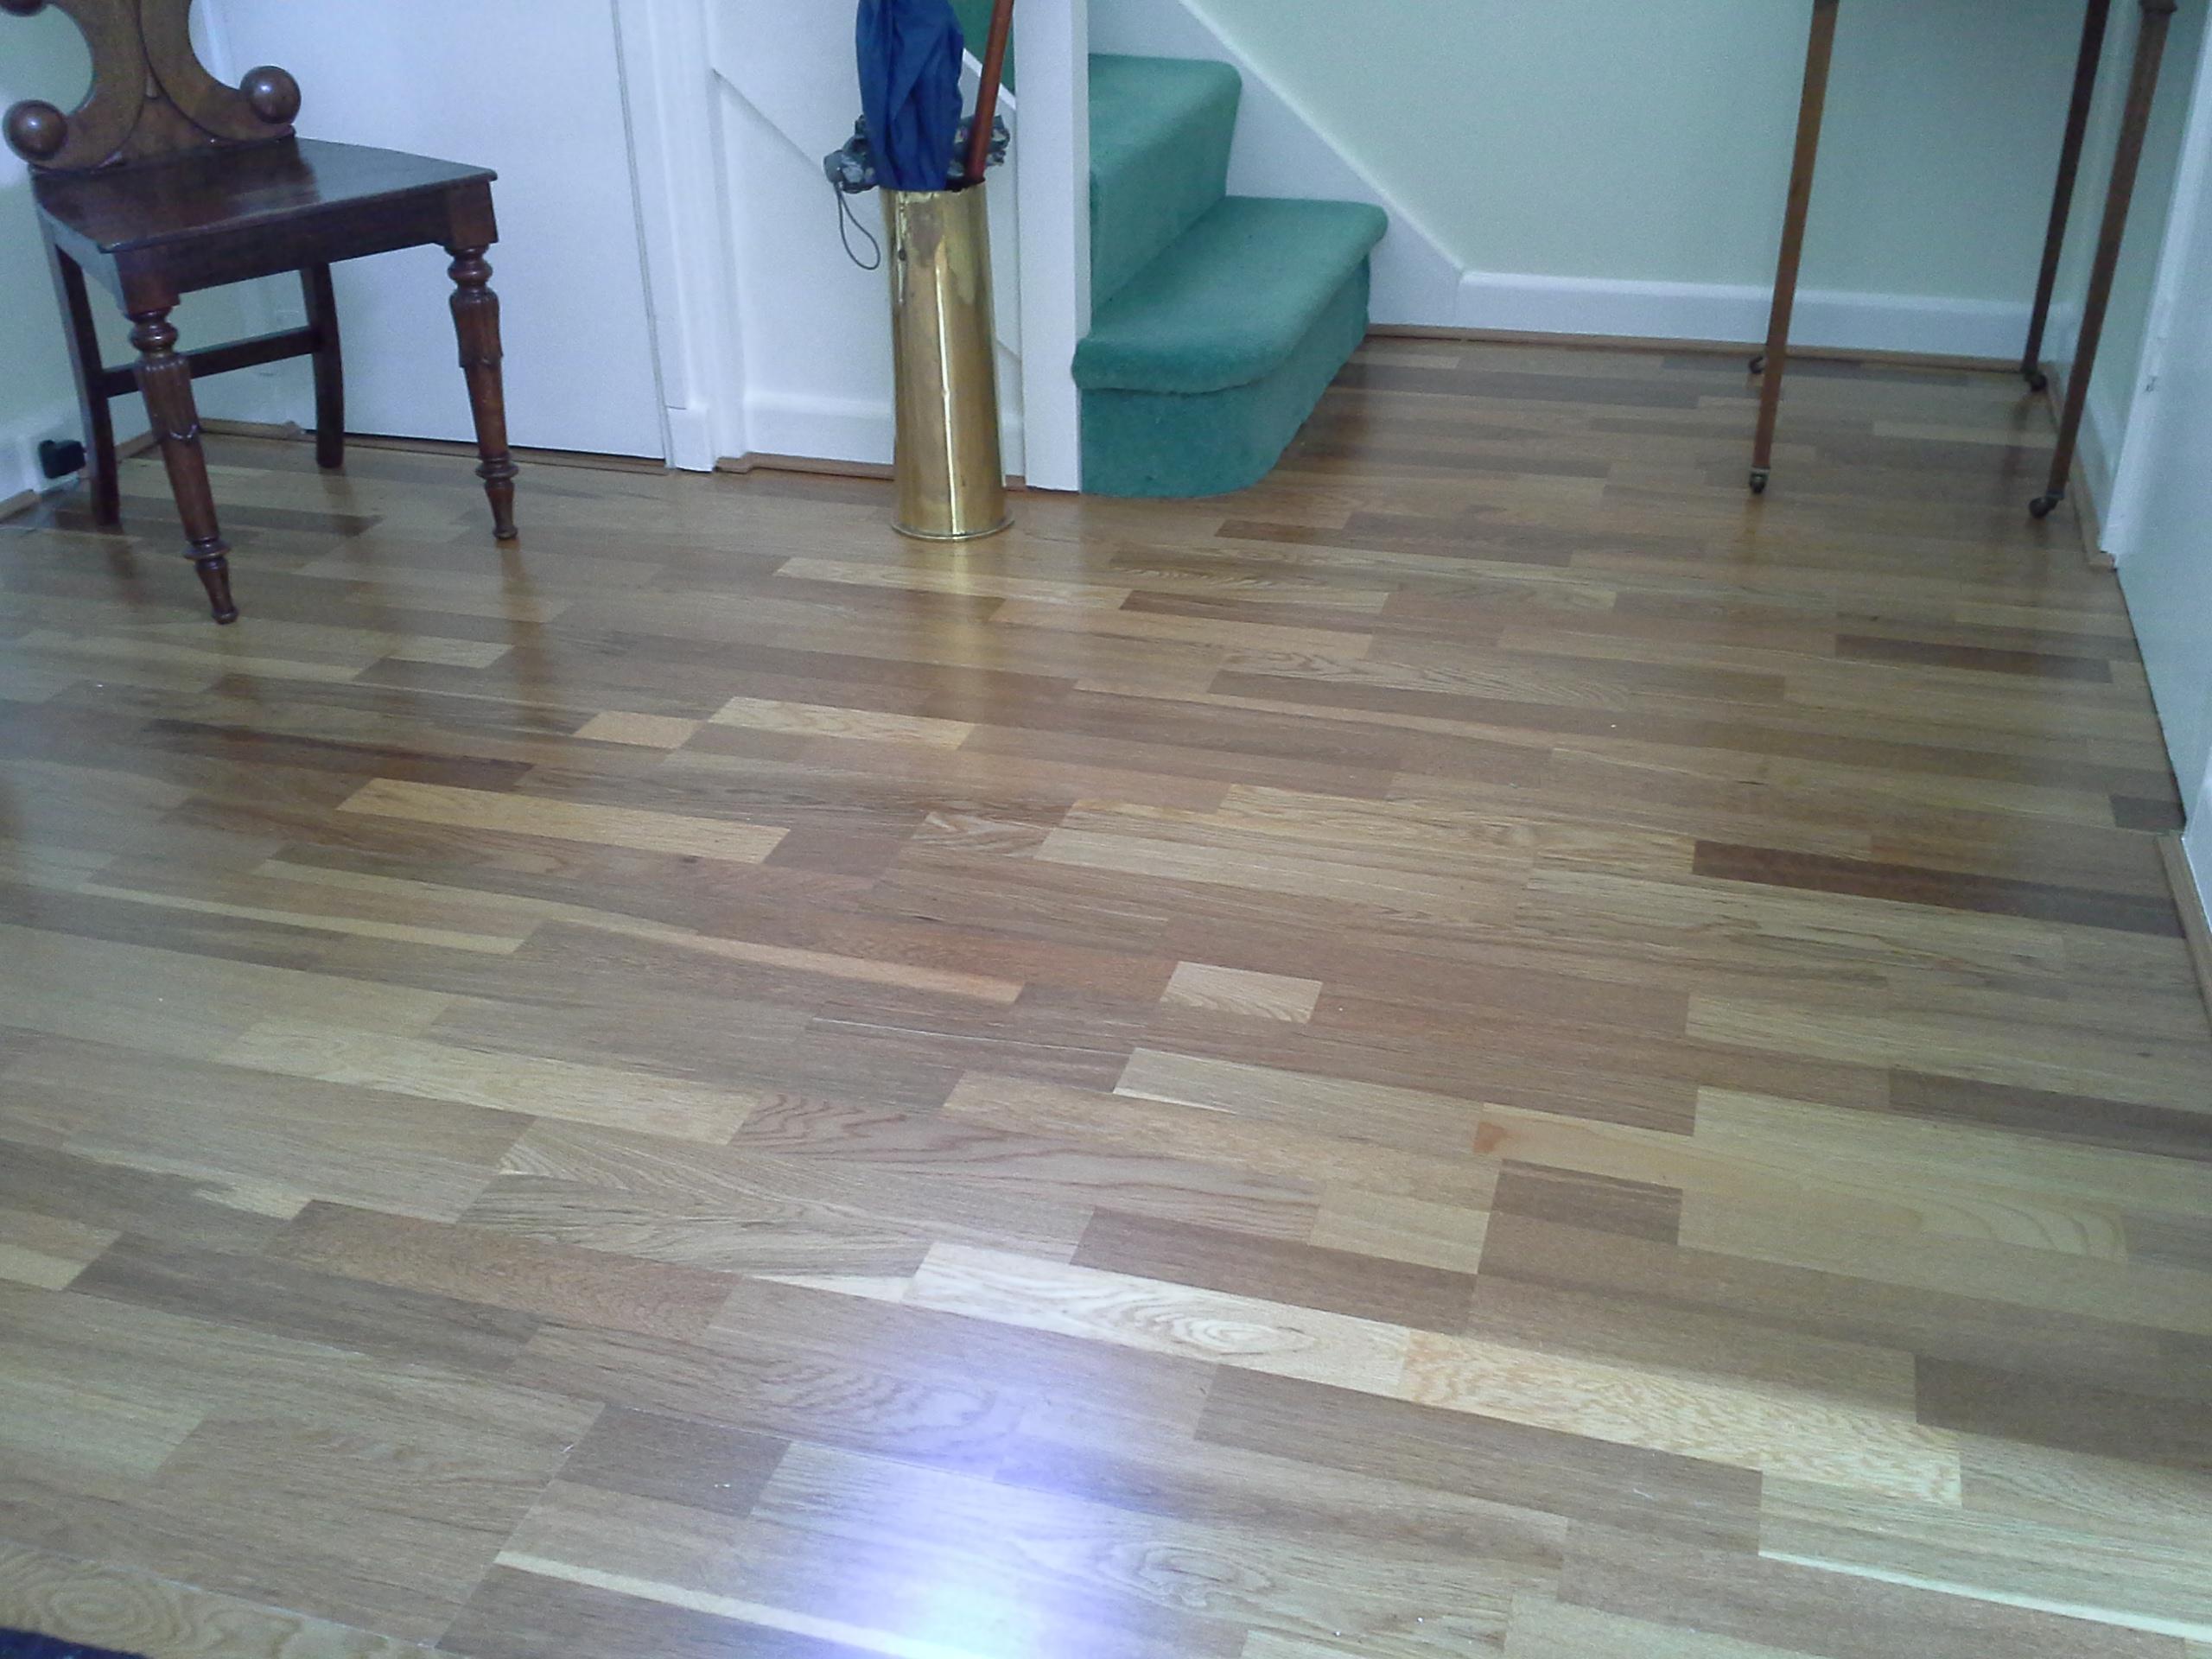 3 plank semi solid oak floor,alternate view.